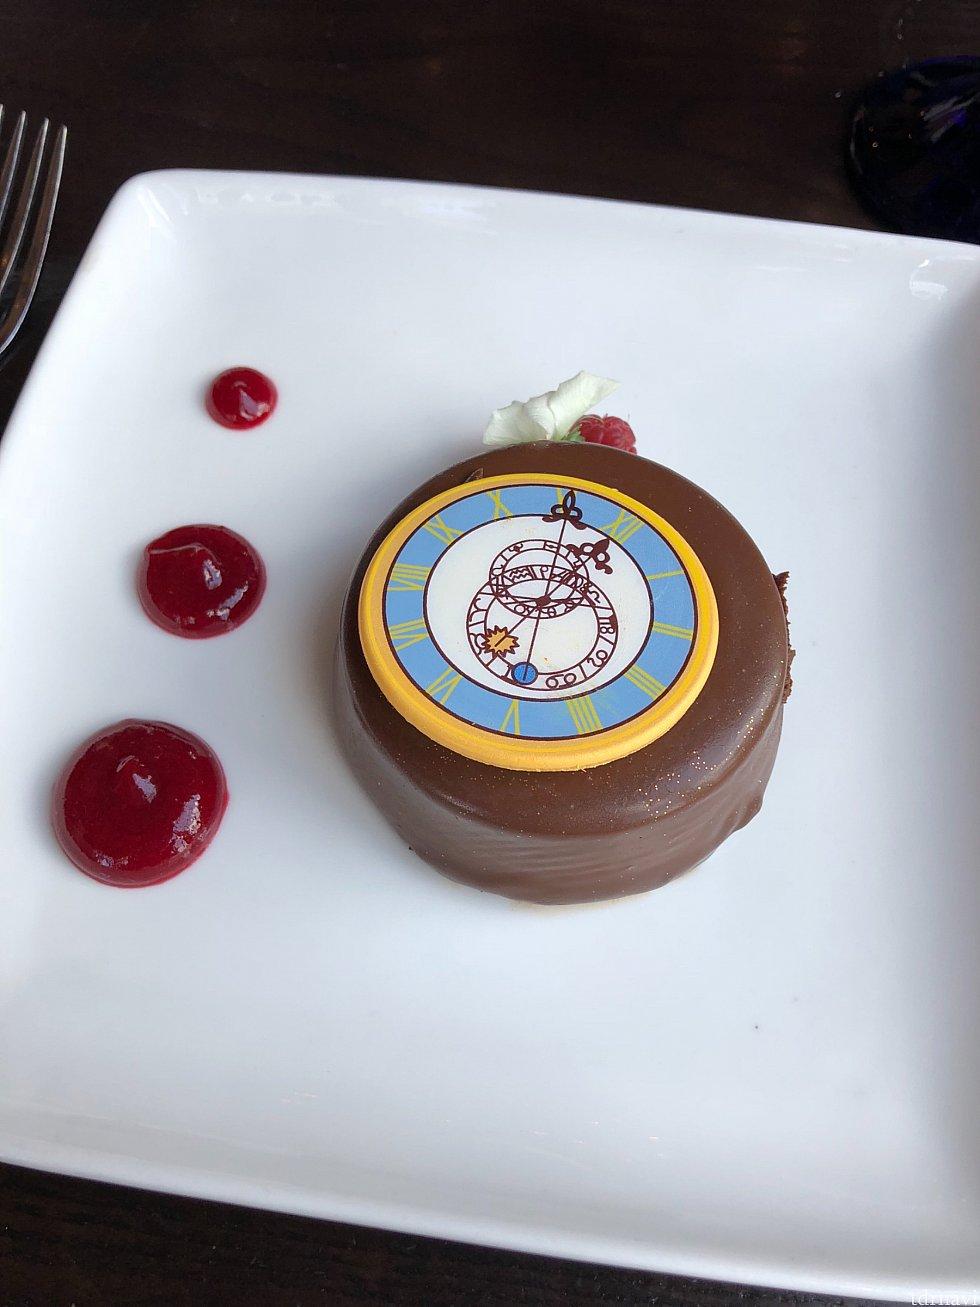 そしてデザート!新しくより可愛くなりました! こちらはThe clock strikes twelve シンデレラ城の時計のデザインに変わりました。 超濃厚チョコケーキです。